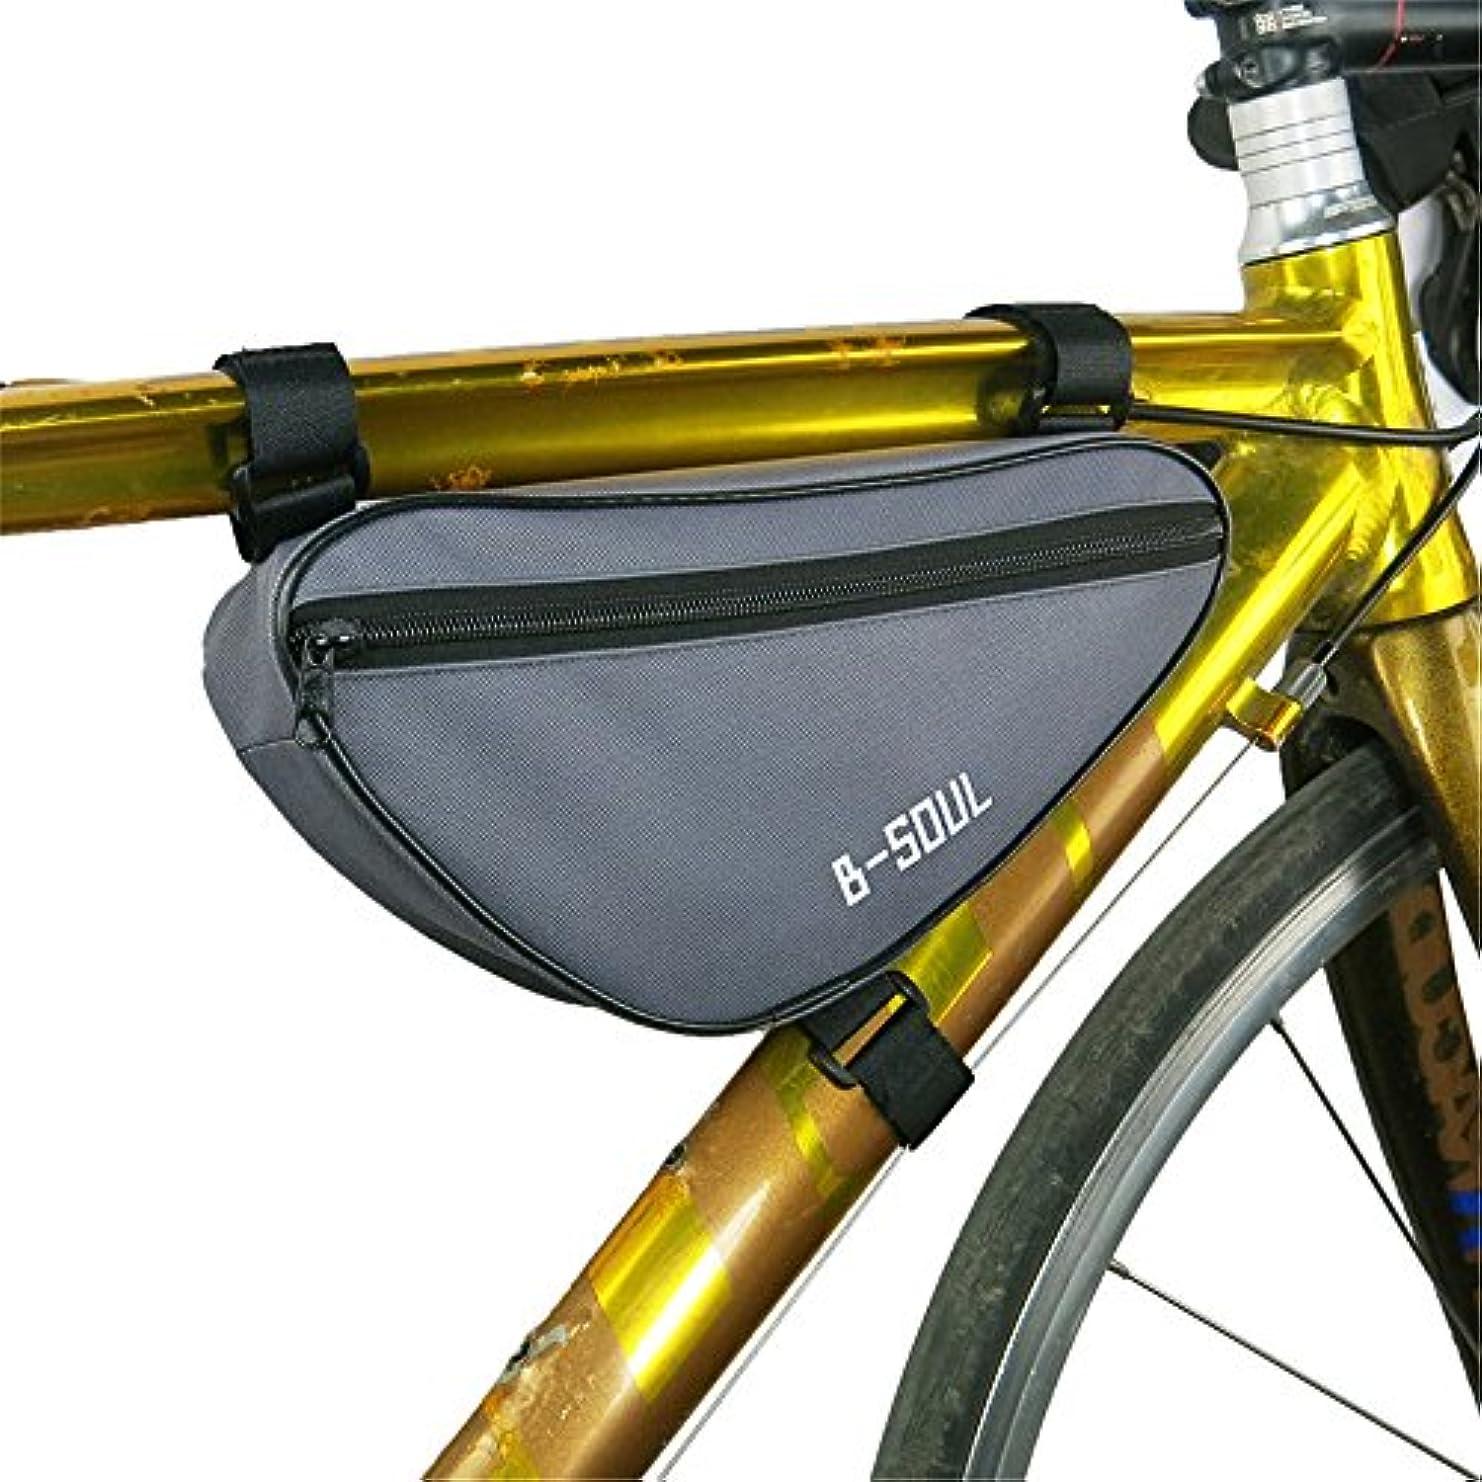 ワゴングラフマグ自転車シートパックバッグアウトドアスポーツタッチスクリーン携帯電話バッグ自転車フロントフレームマウンテンバイクサドルバッグ 自転車サドルバッグ大容量 (色 : グレー)